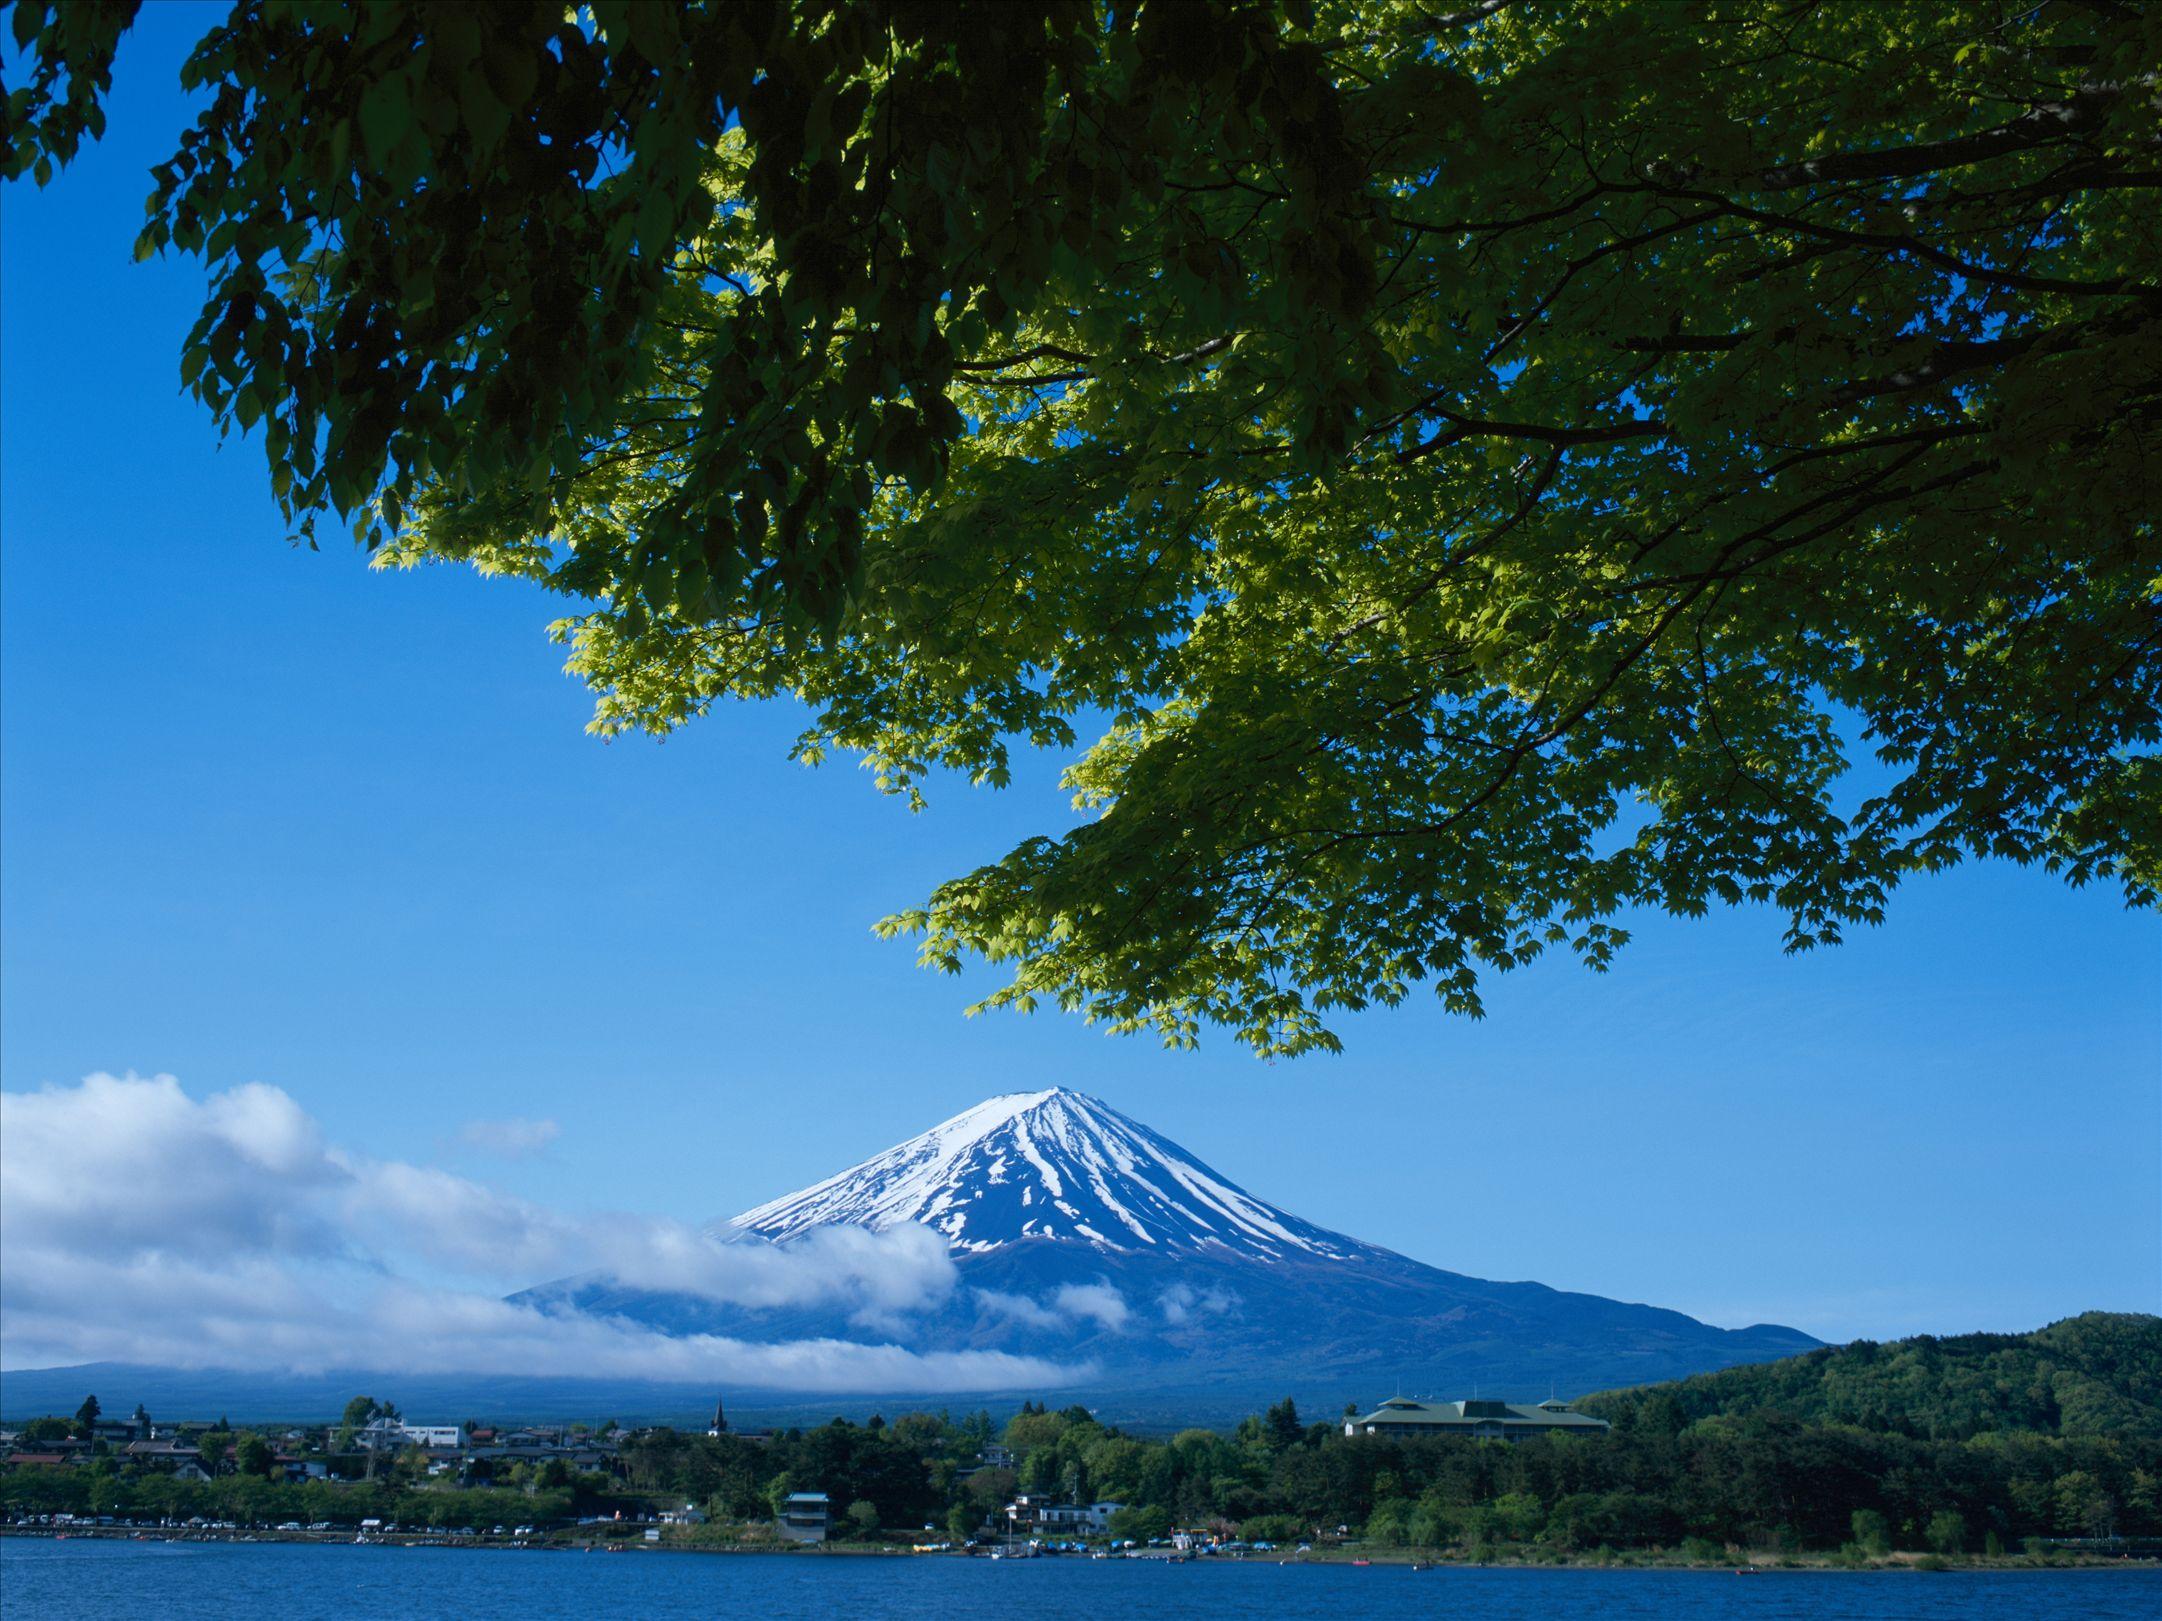 【皇冠日本】日本本州7日跟团游